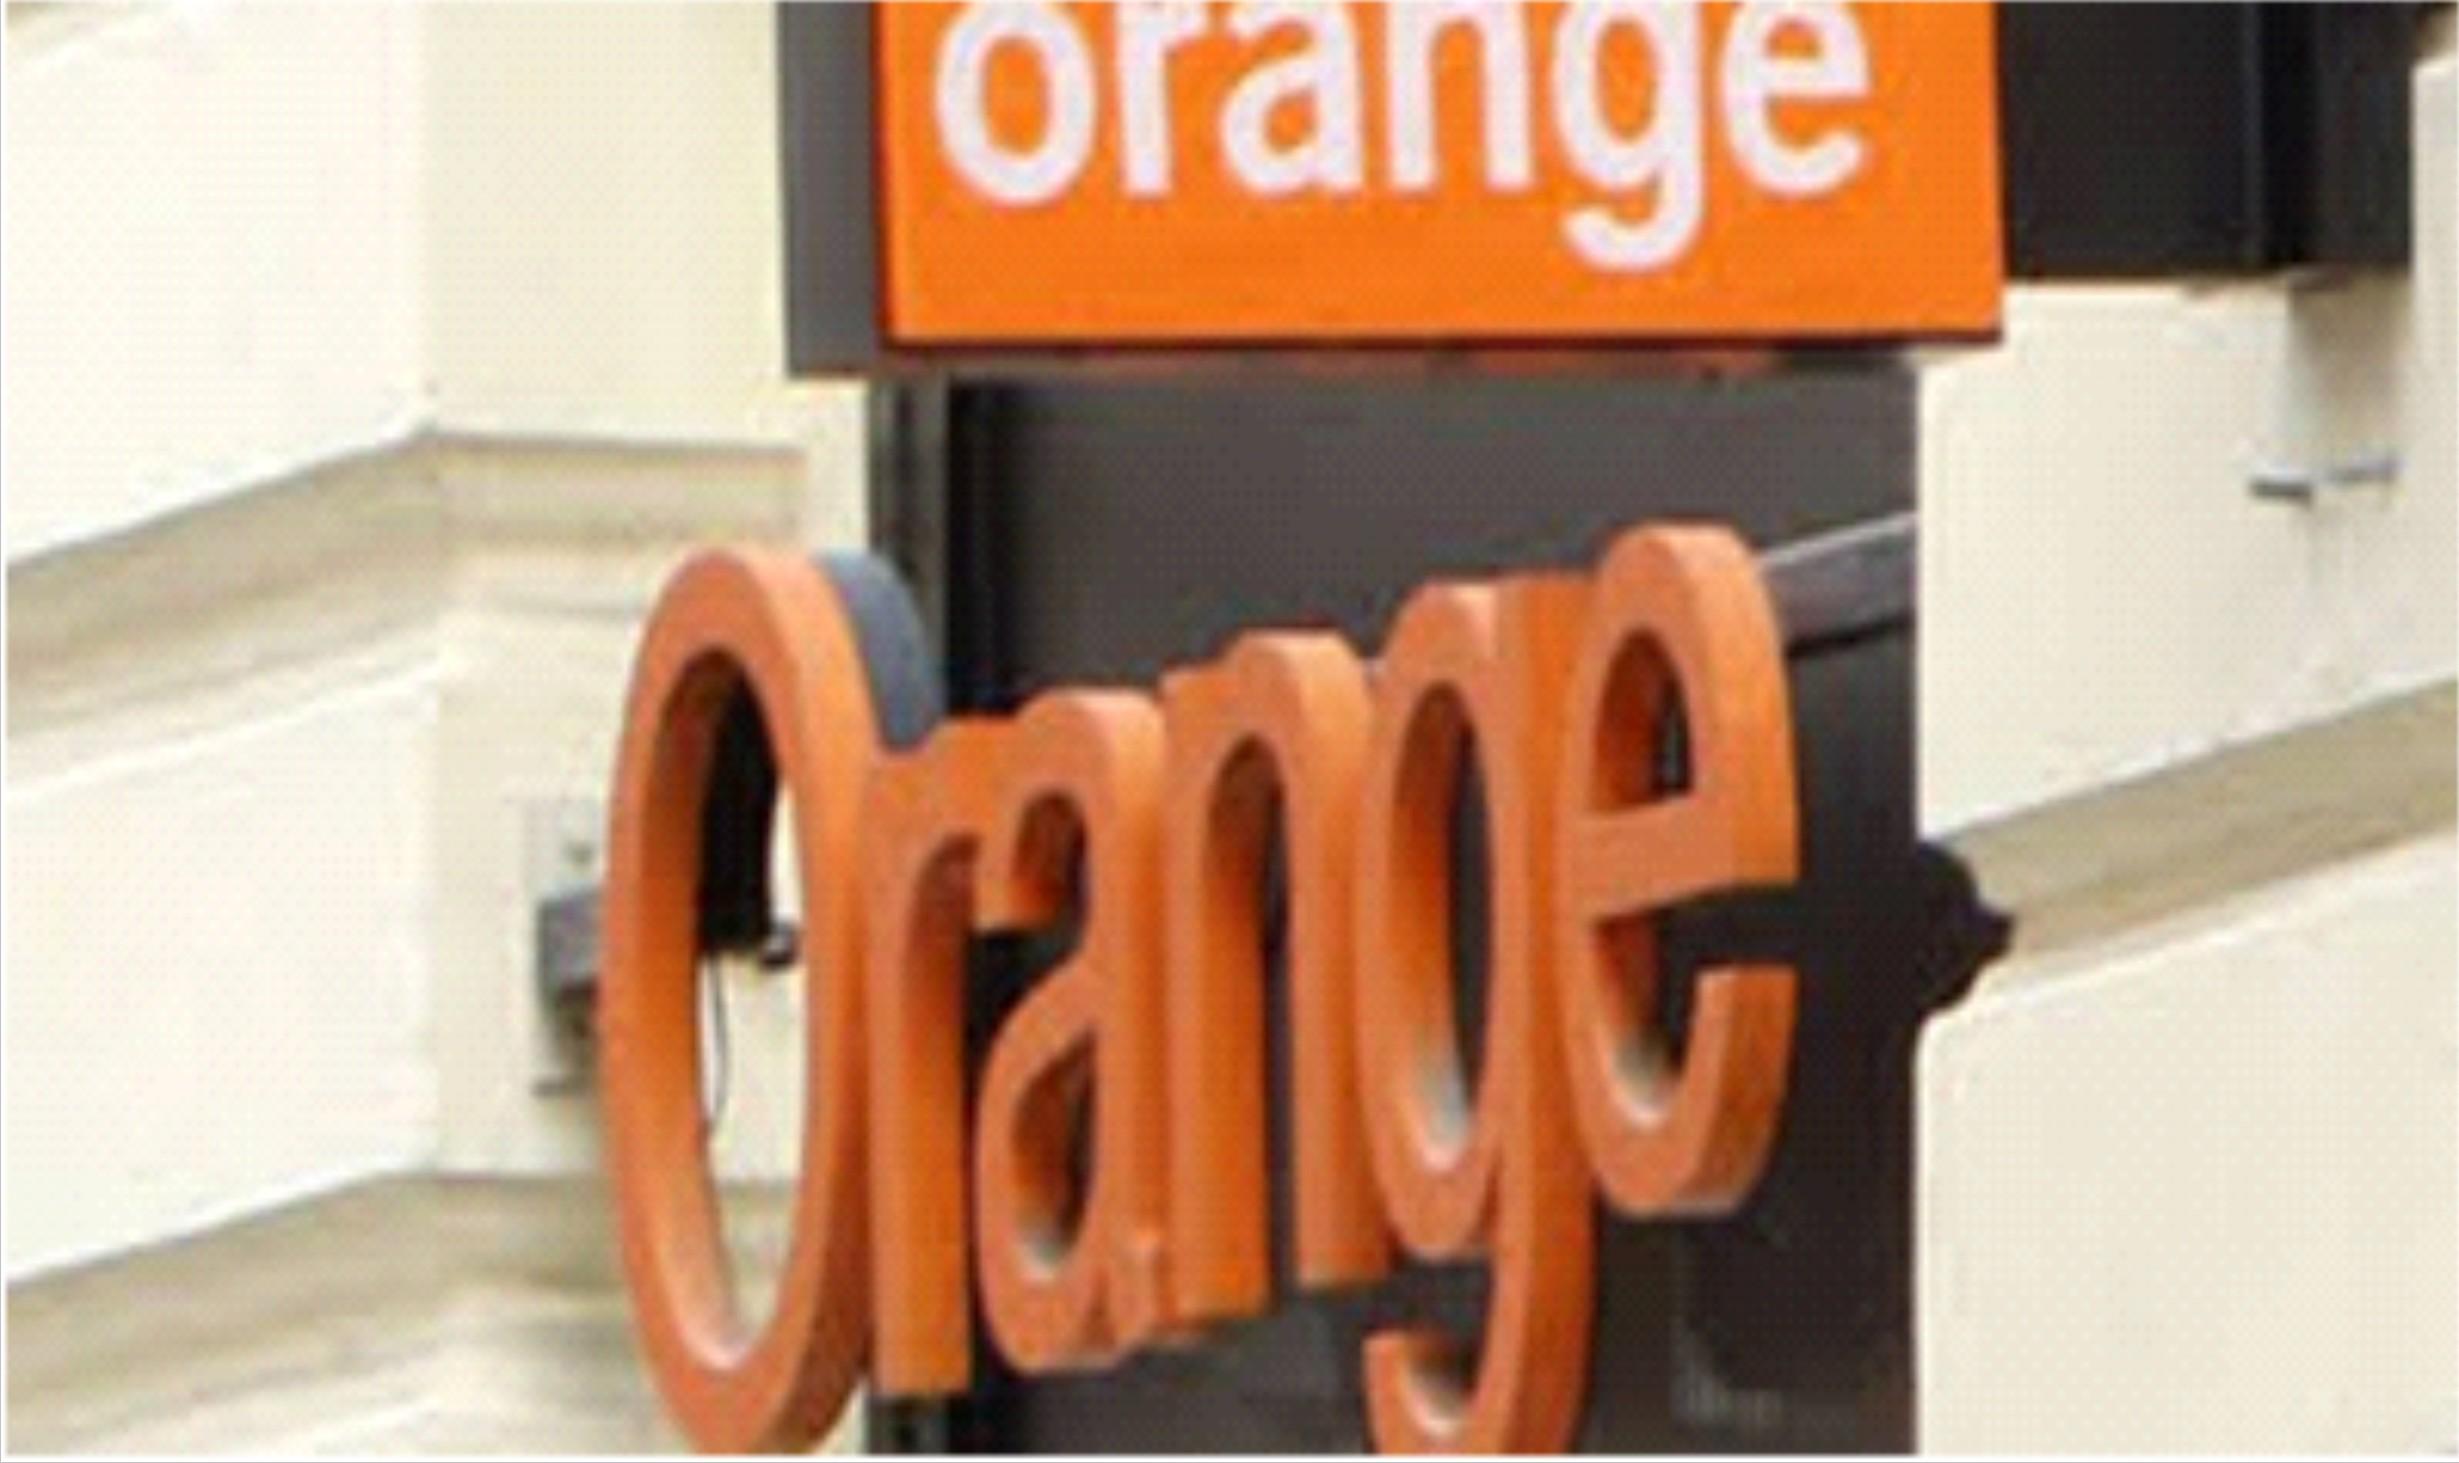 ORANGE MALI (telecommunication company)